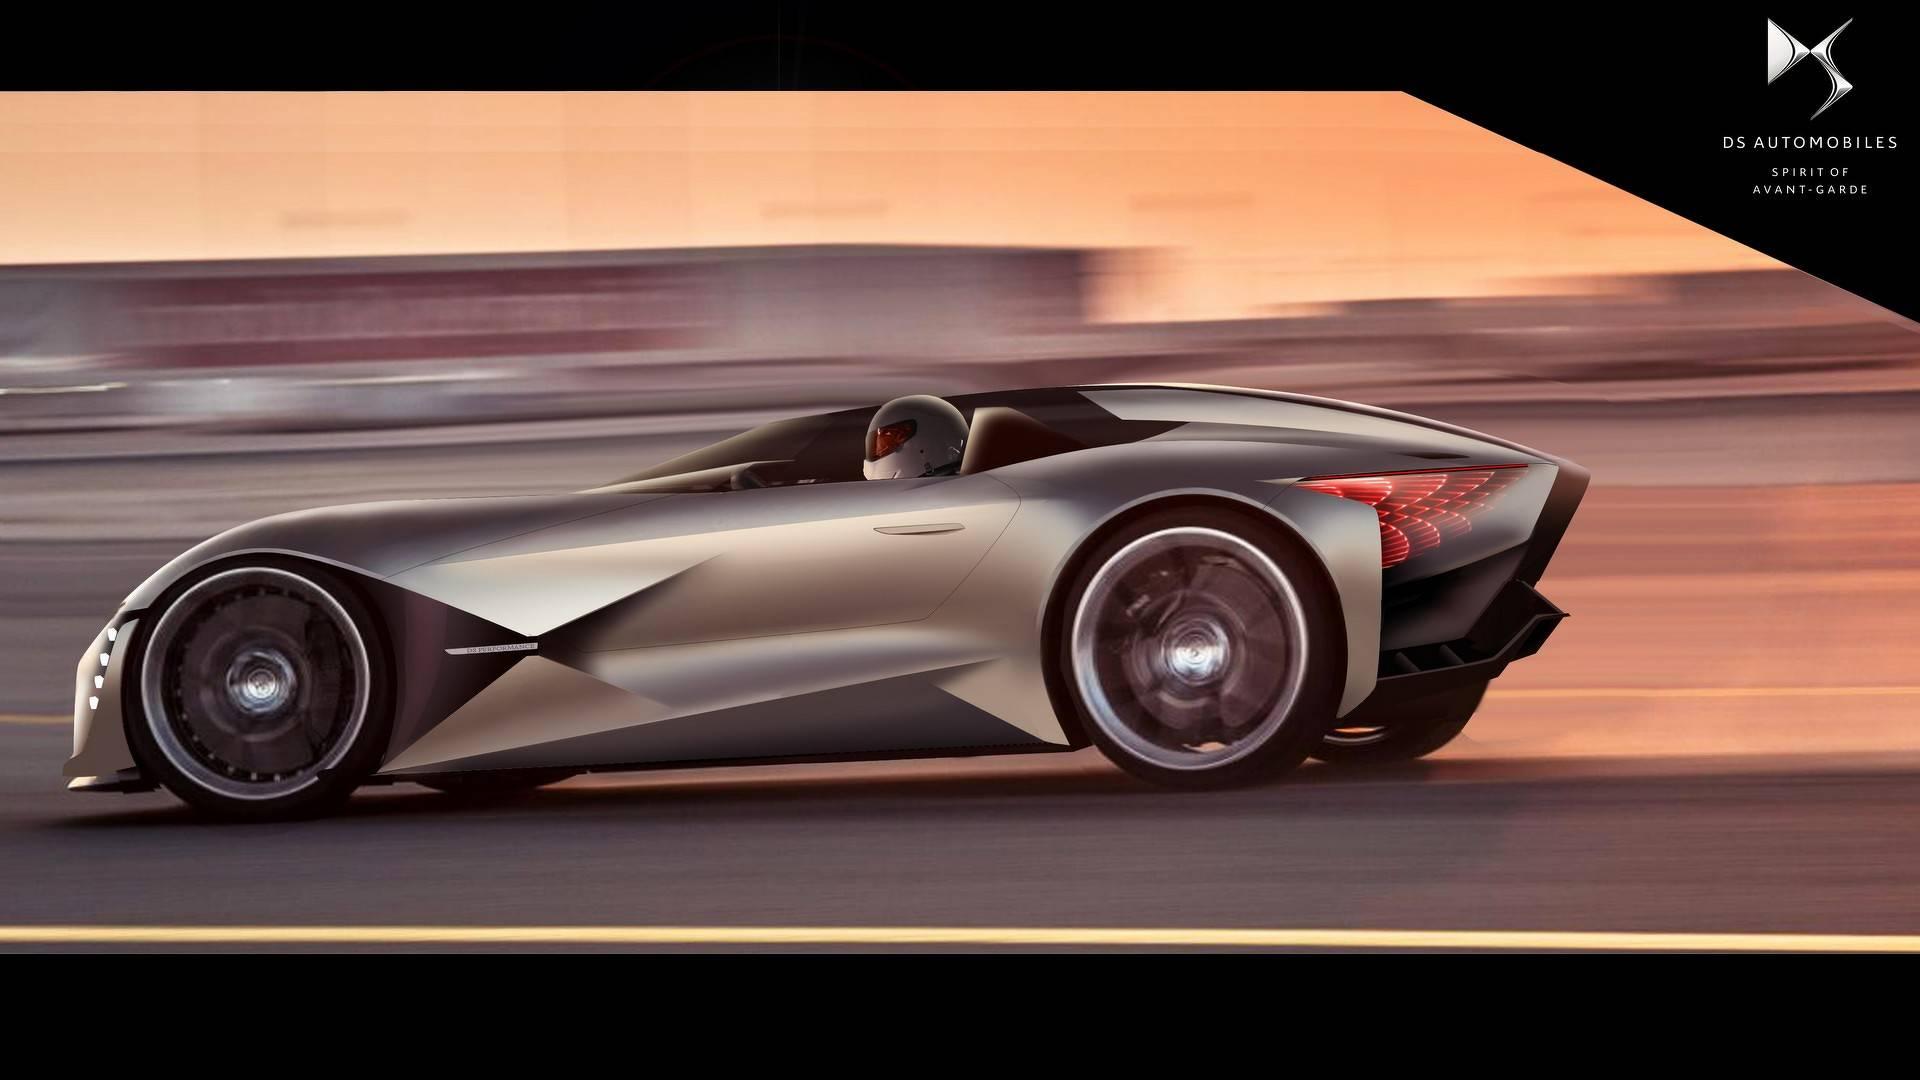 DS X E-Tense electric hypercar concept_2